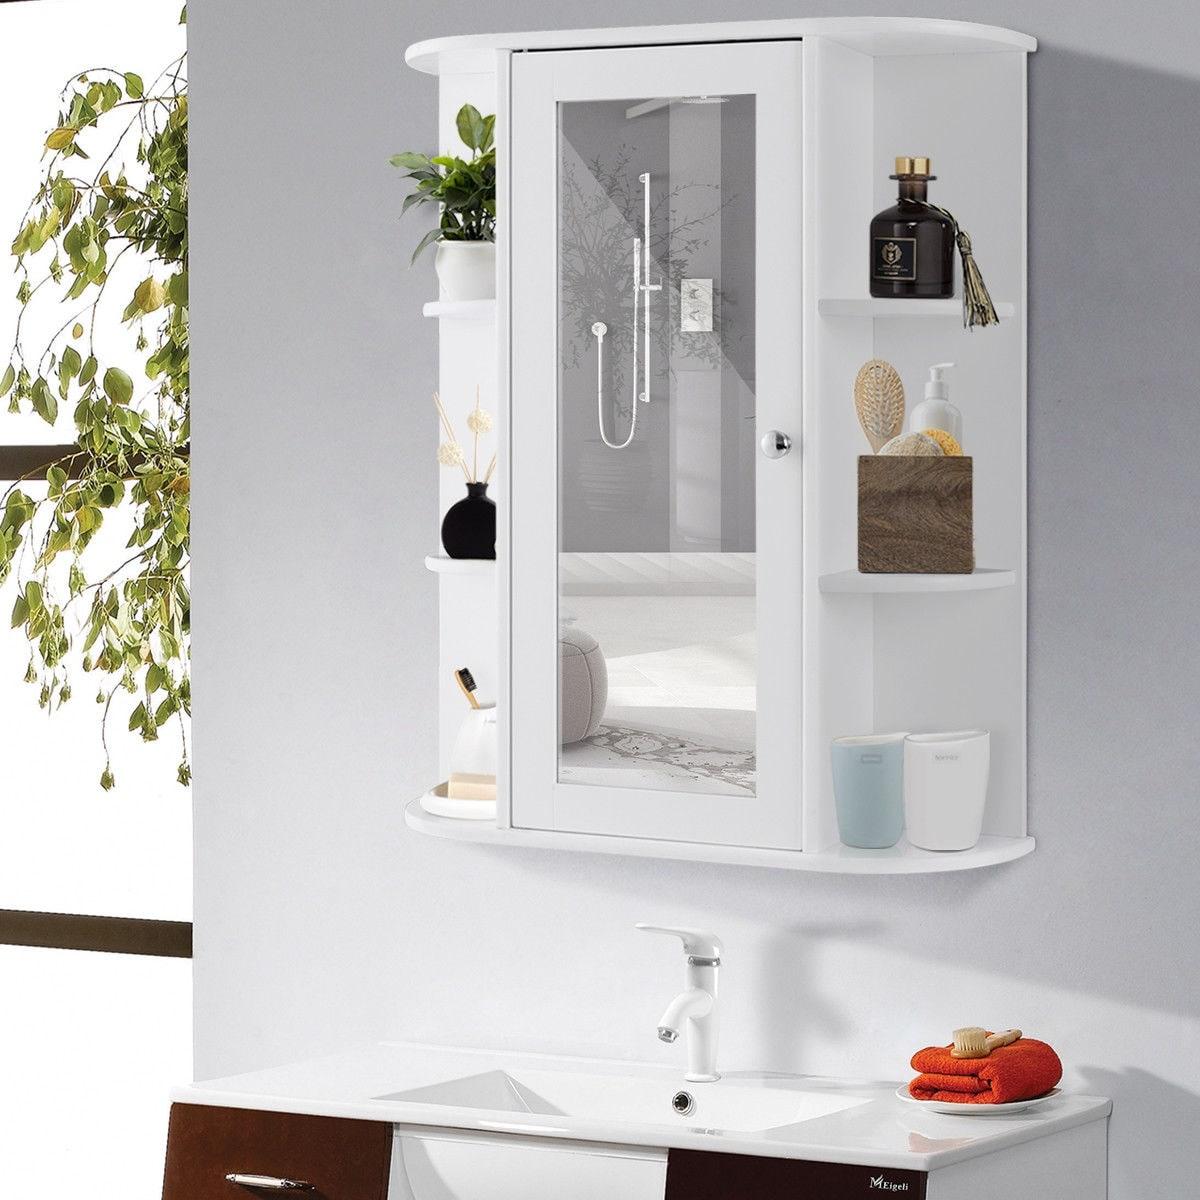 Gymax Bathroom Cabinet Single Door